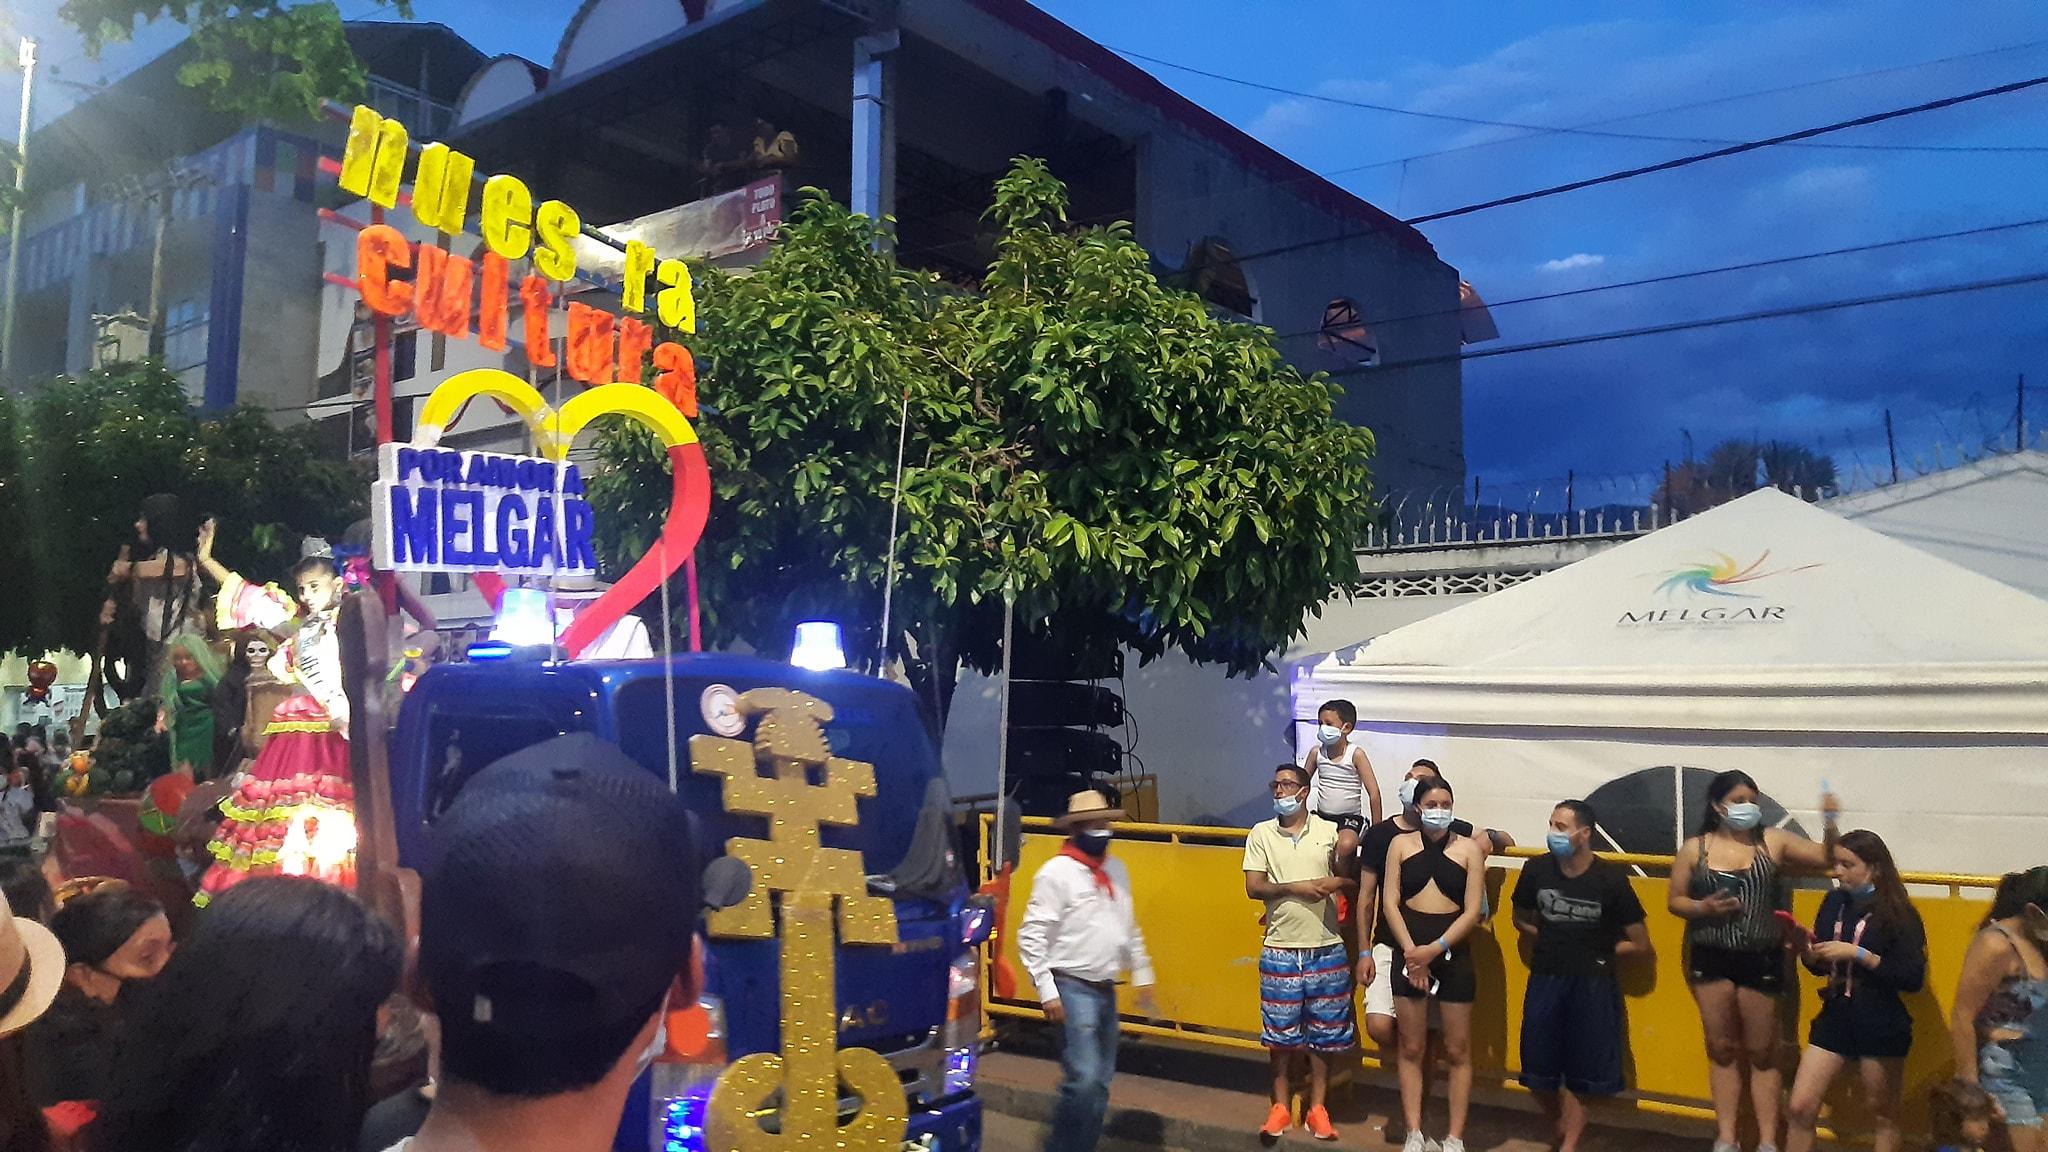 Alcalde de Melgar en fiestas y el Hospital sin oxígeno 4